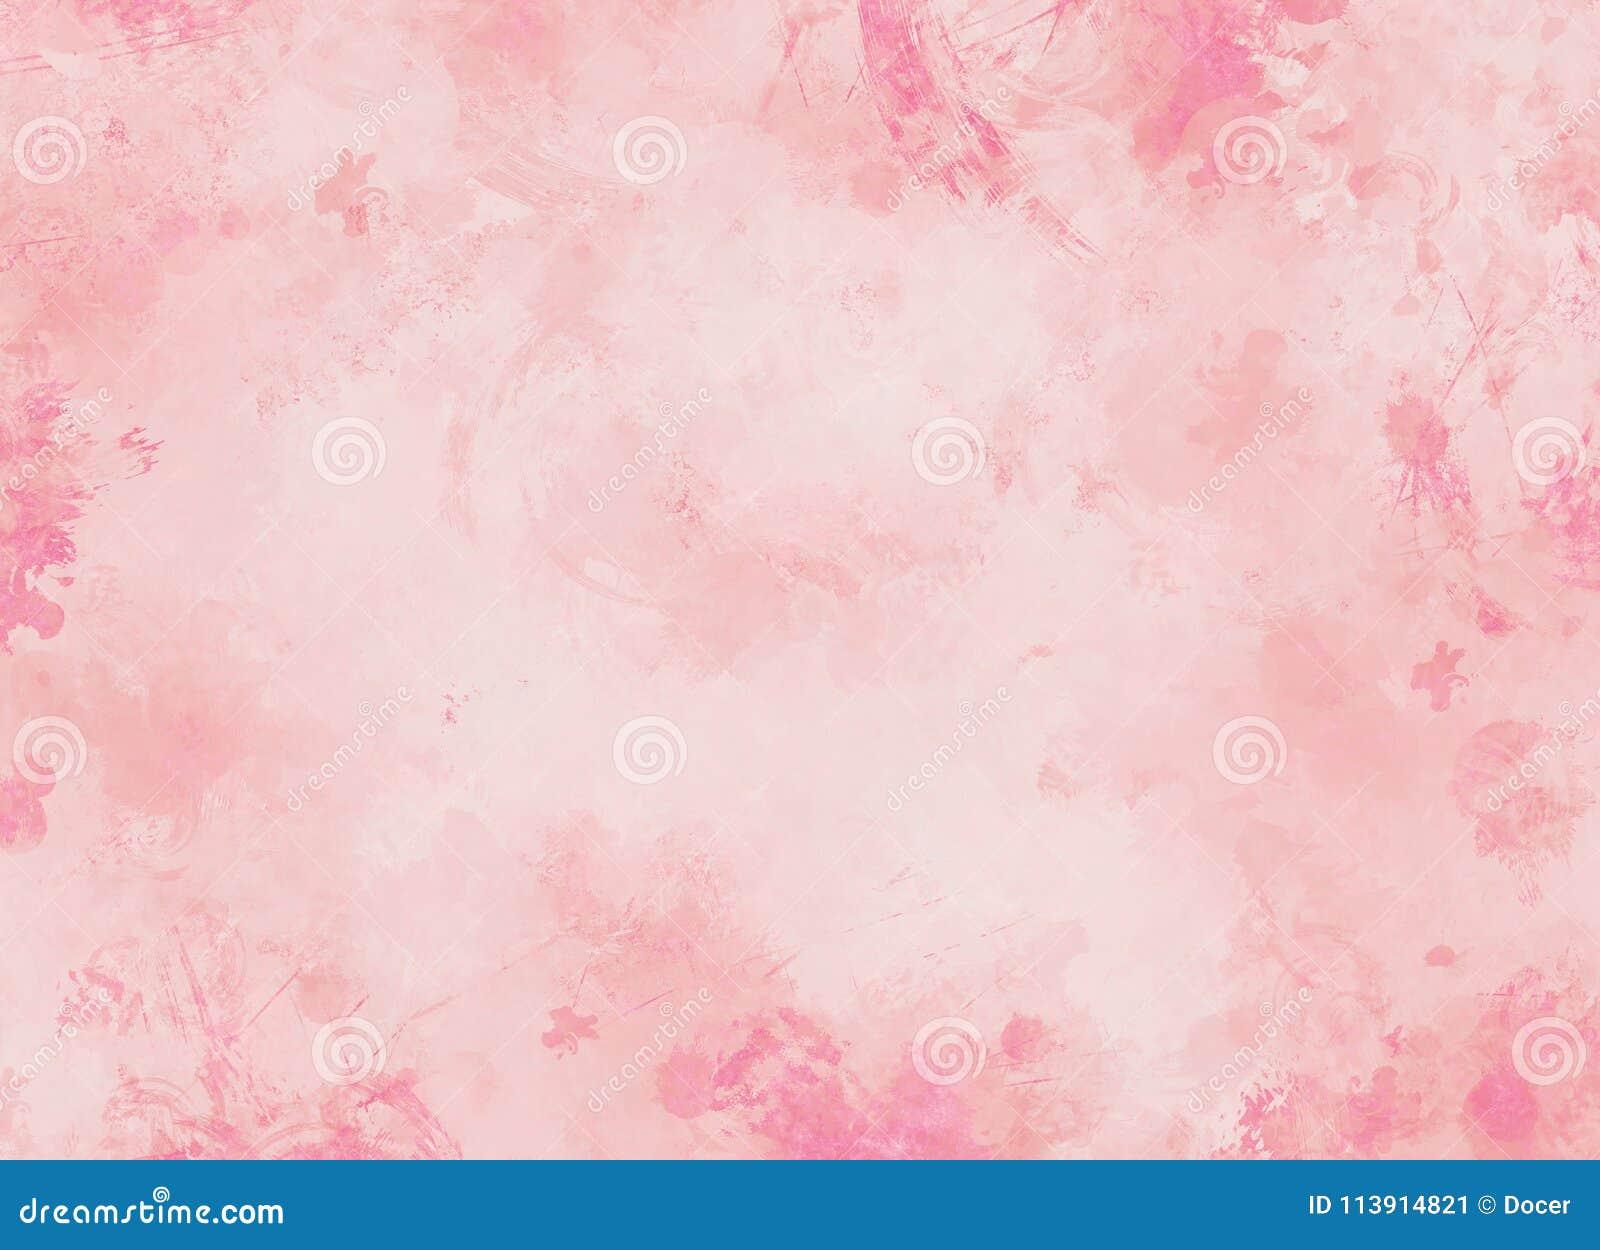 Fondos Del Rosa En Colores Pastel Stock De Ilustración